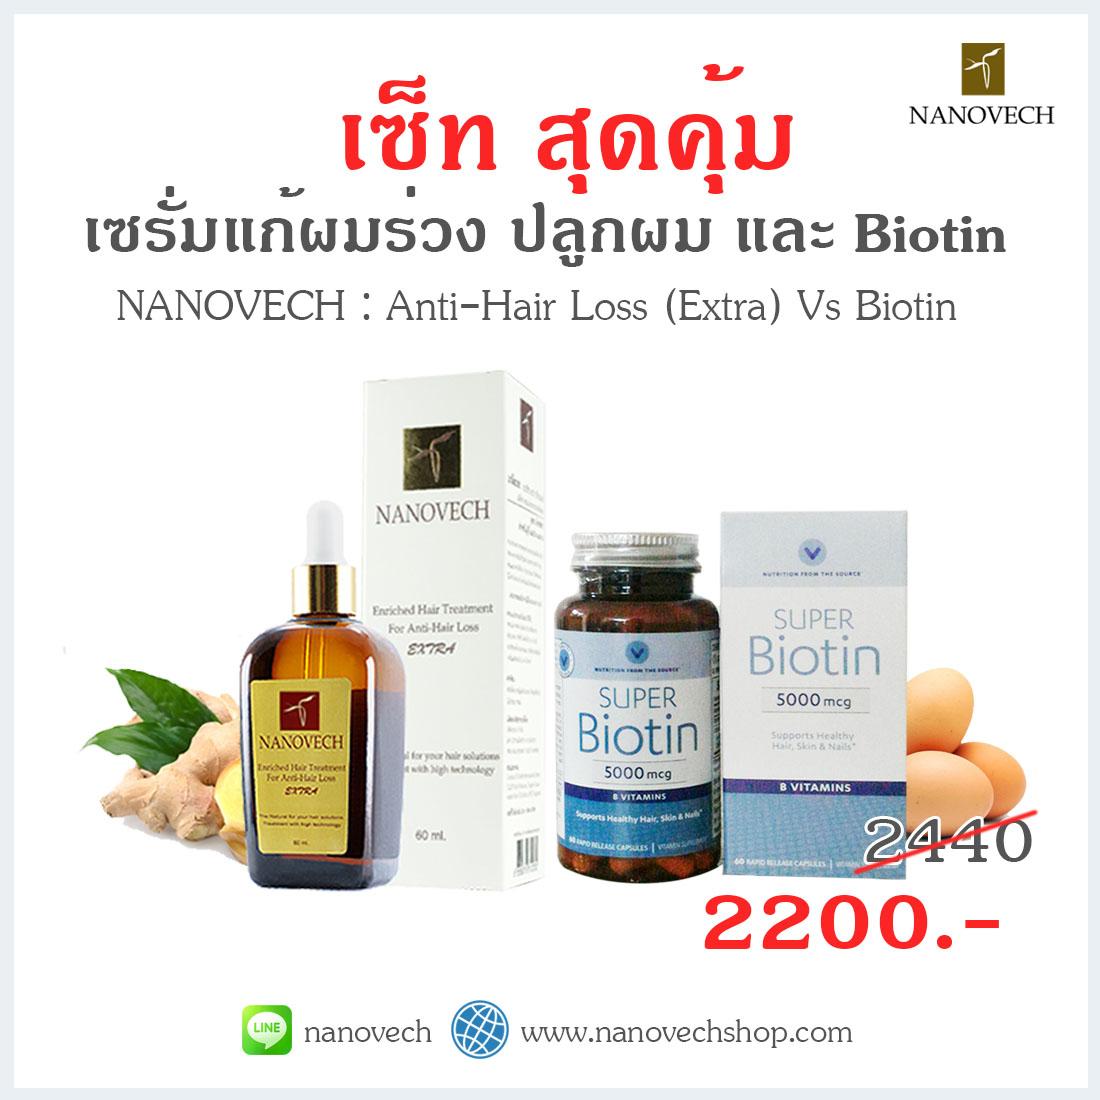 นาโนเวช สูตร Extra + Biotin (สำหรับผู้ชาย)